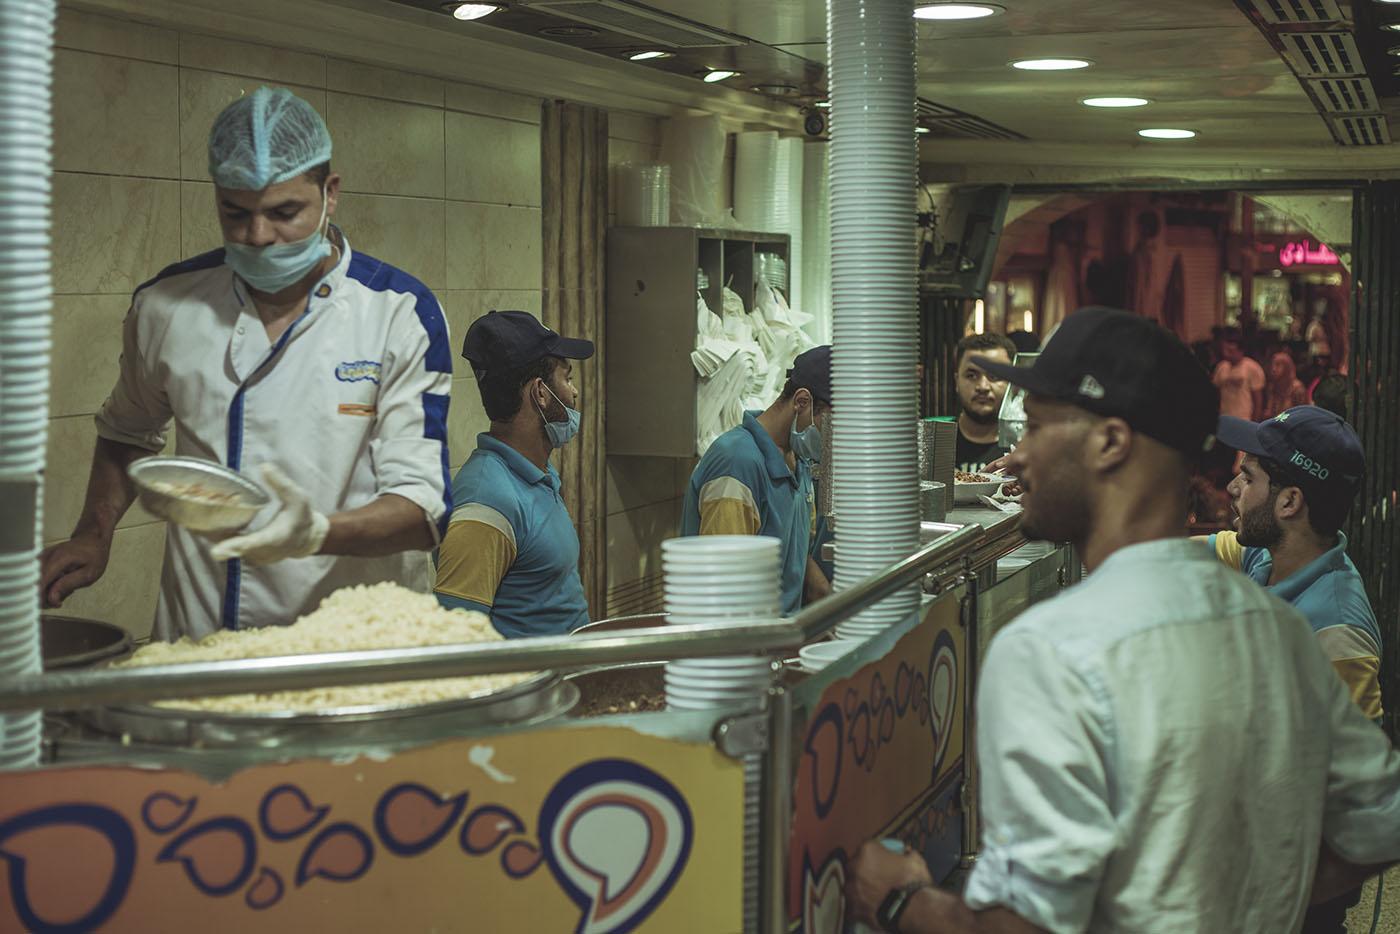 Egypt Street Food